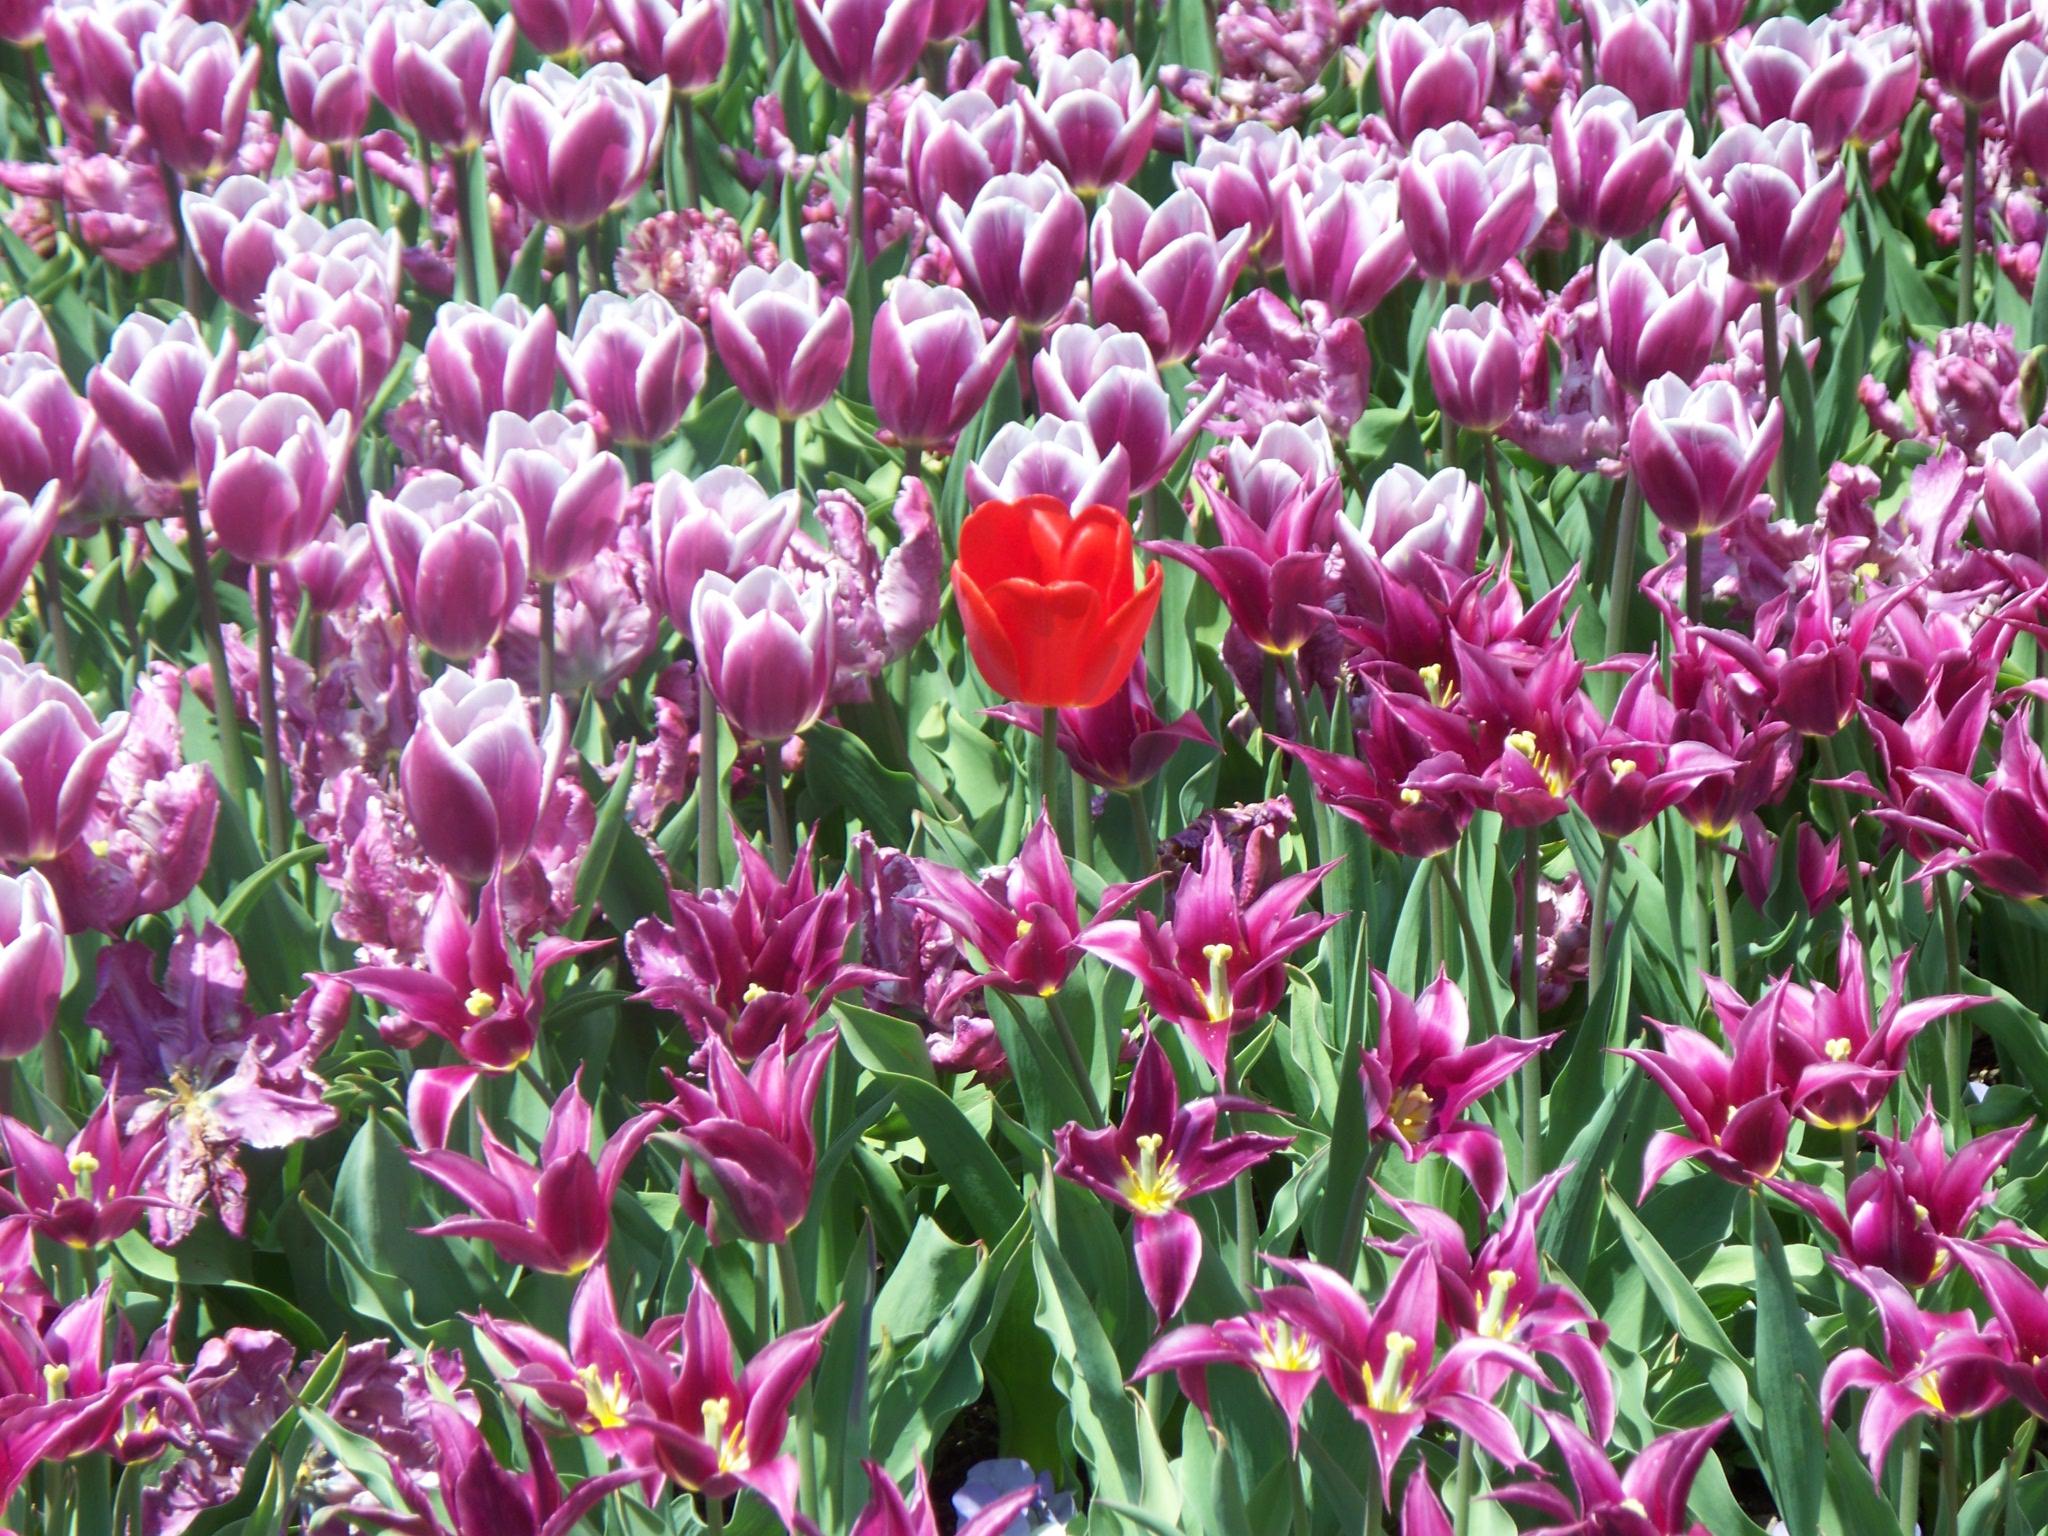 longwood-april-2009-050